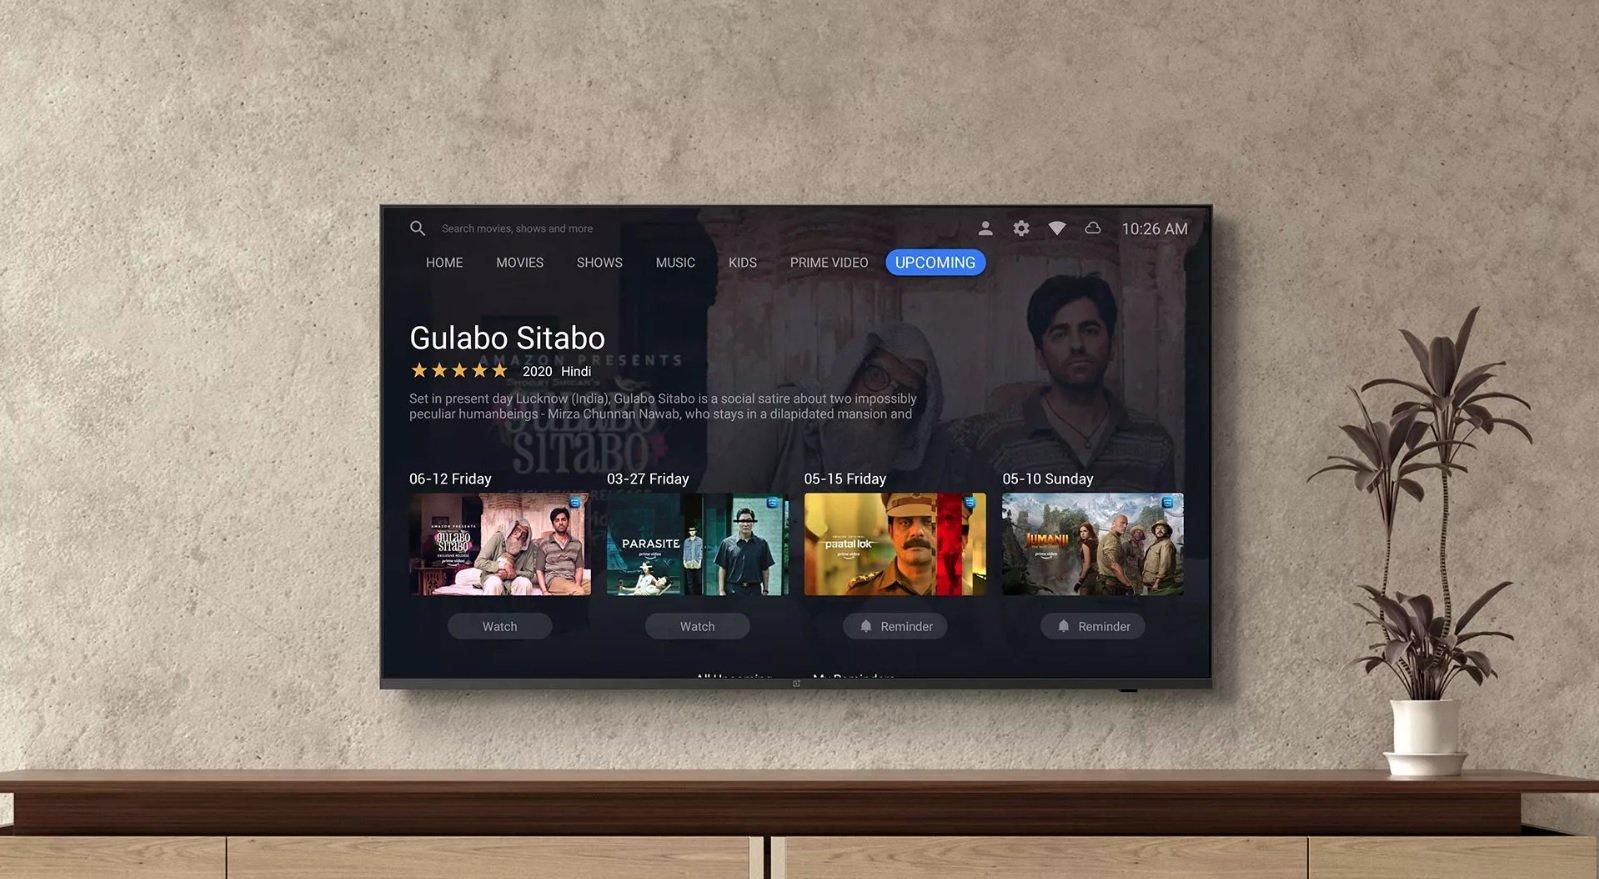 OnePlus U1 Smart TV